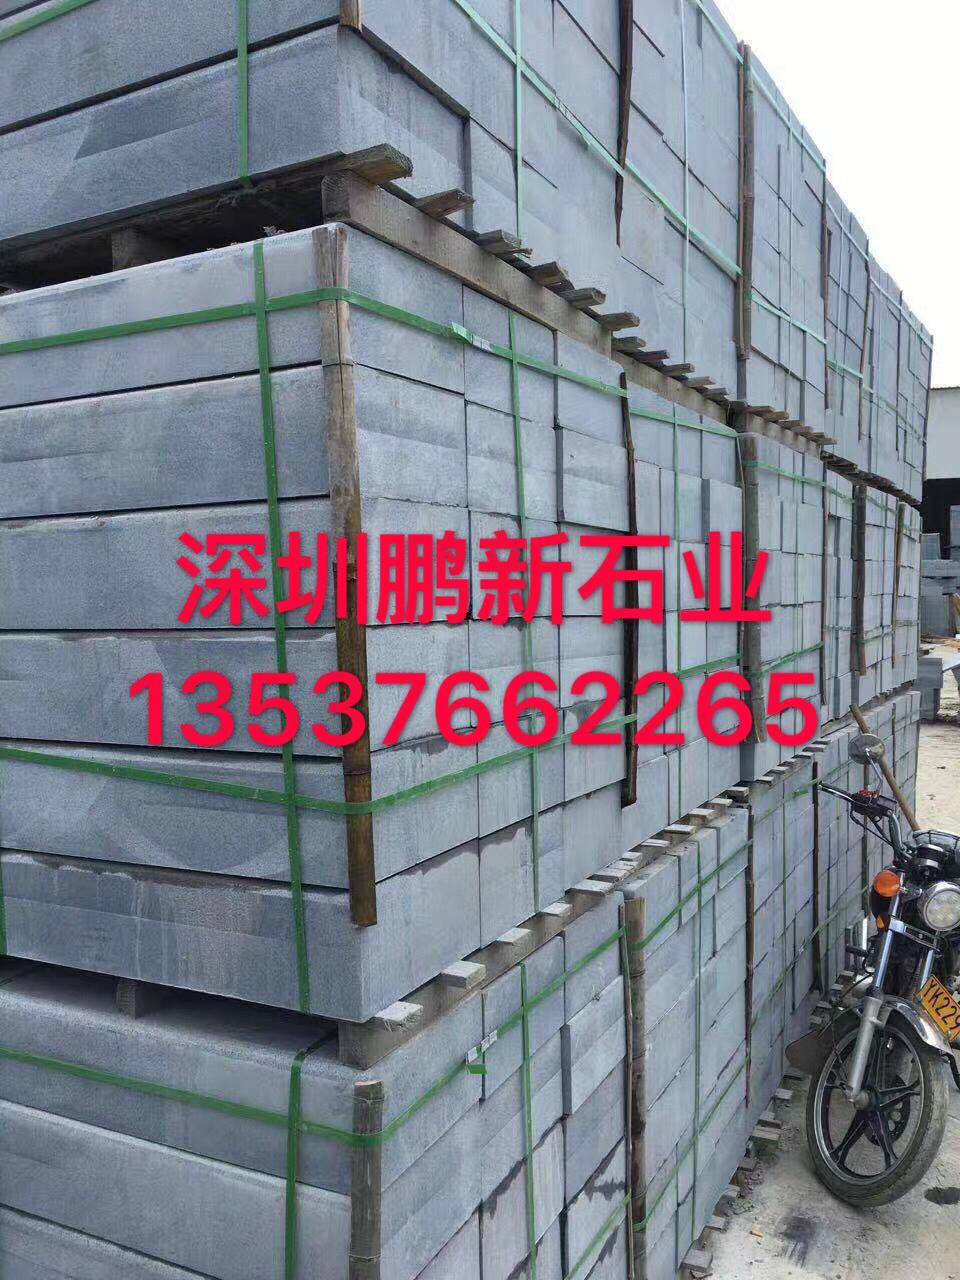 珠海石材加工-珠海石材加工批发、珠海石材促销价格  2